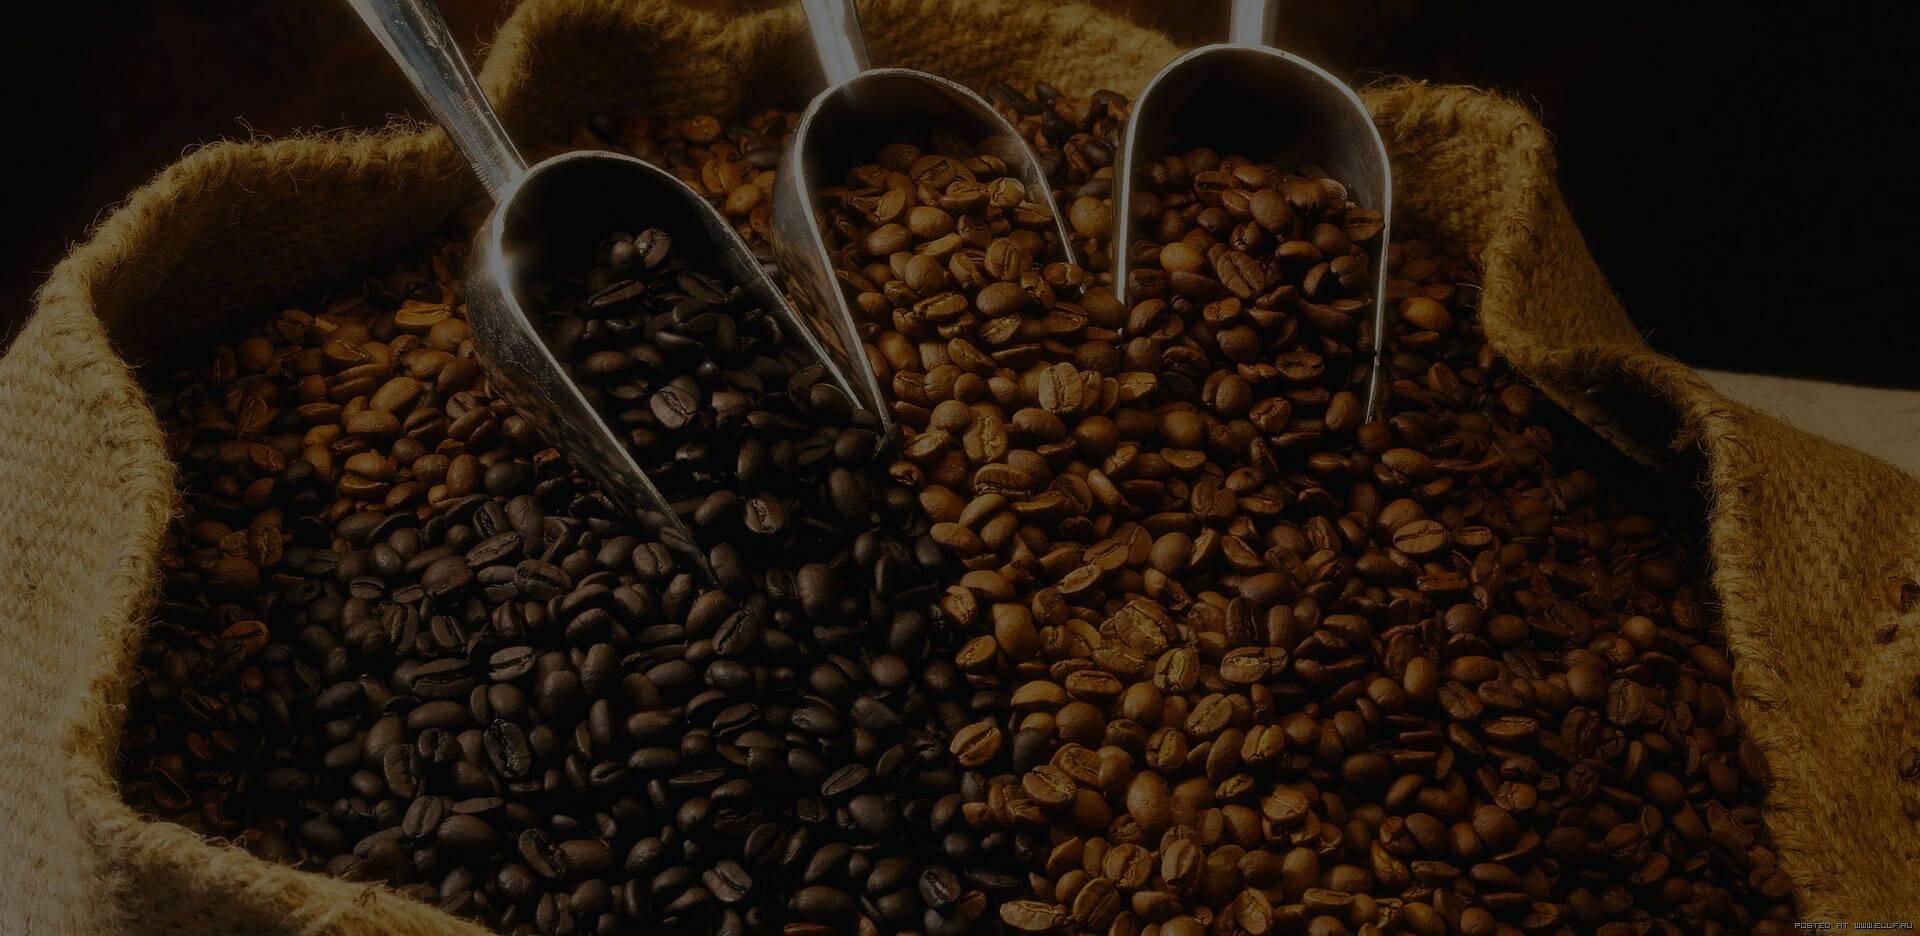 Рейтинг кофе в зернах – какой лучше выбрать для кофемашины? топ 10 самых вкусных вариантов